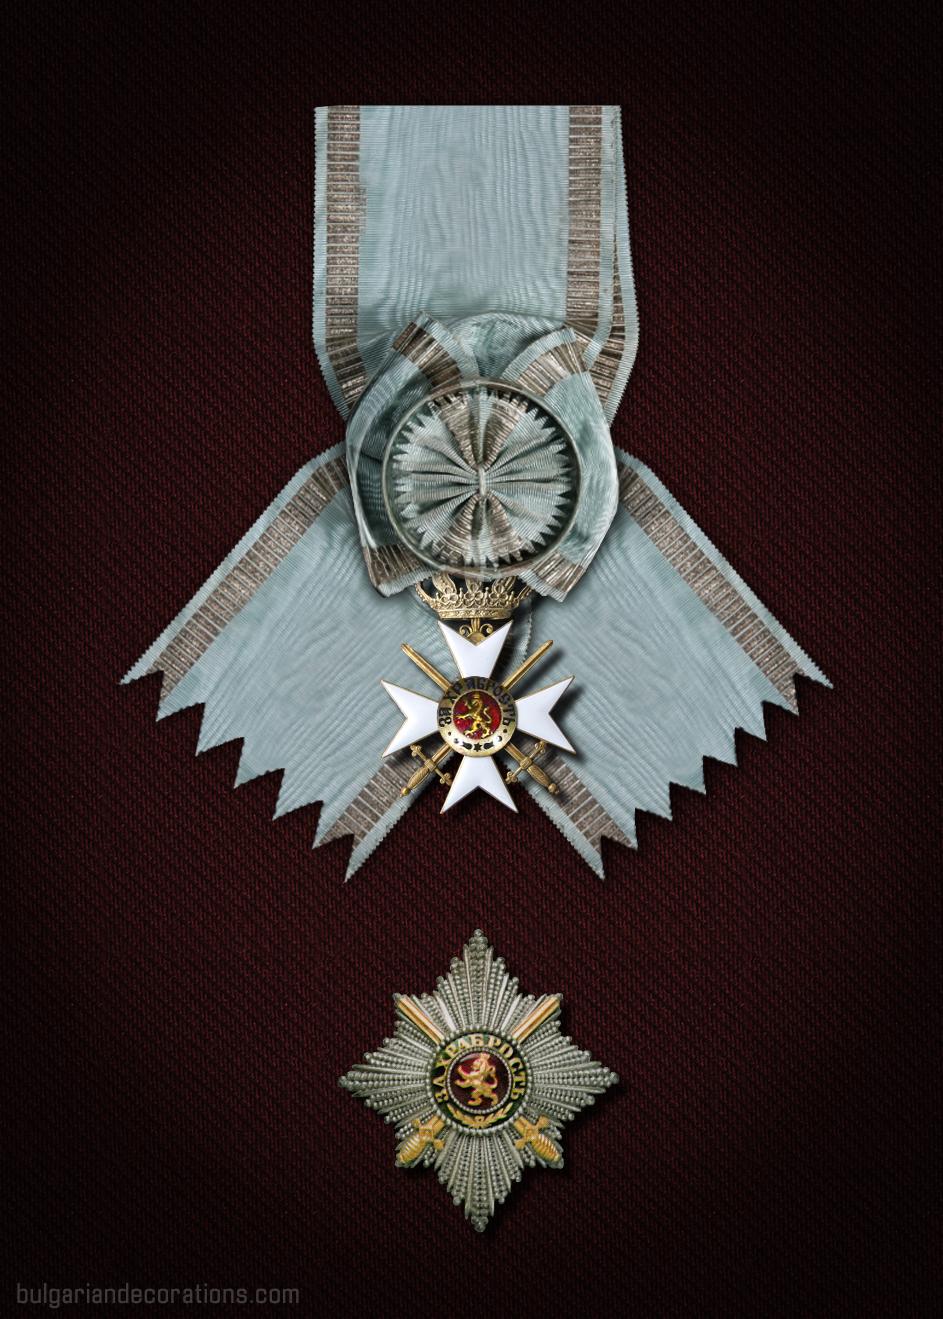 Великият кръст на Княз Фердинанд I (възстановка)